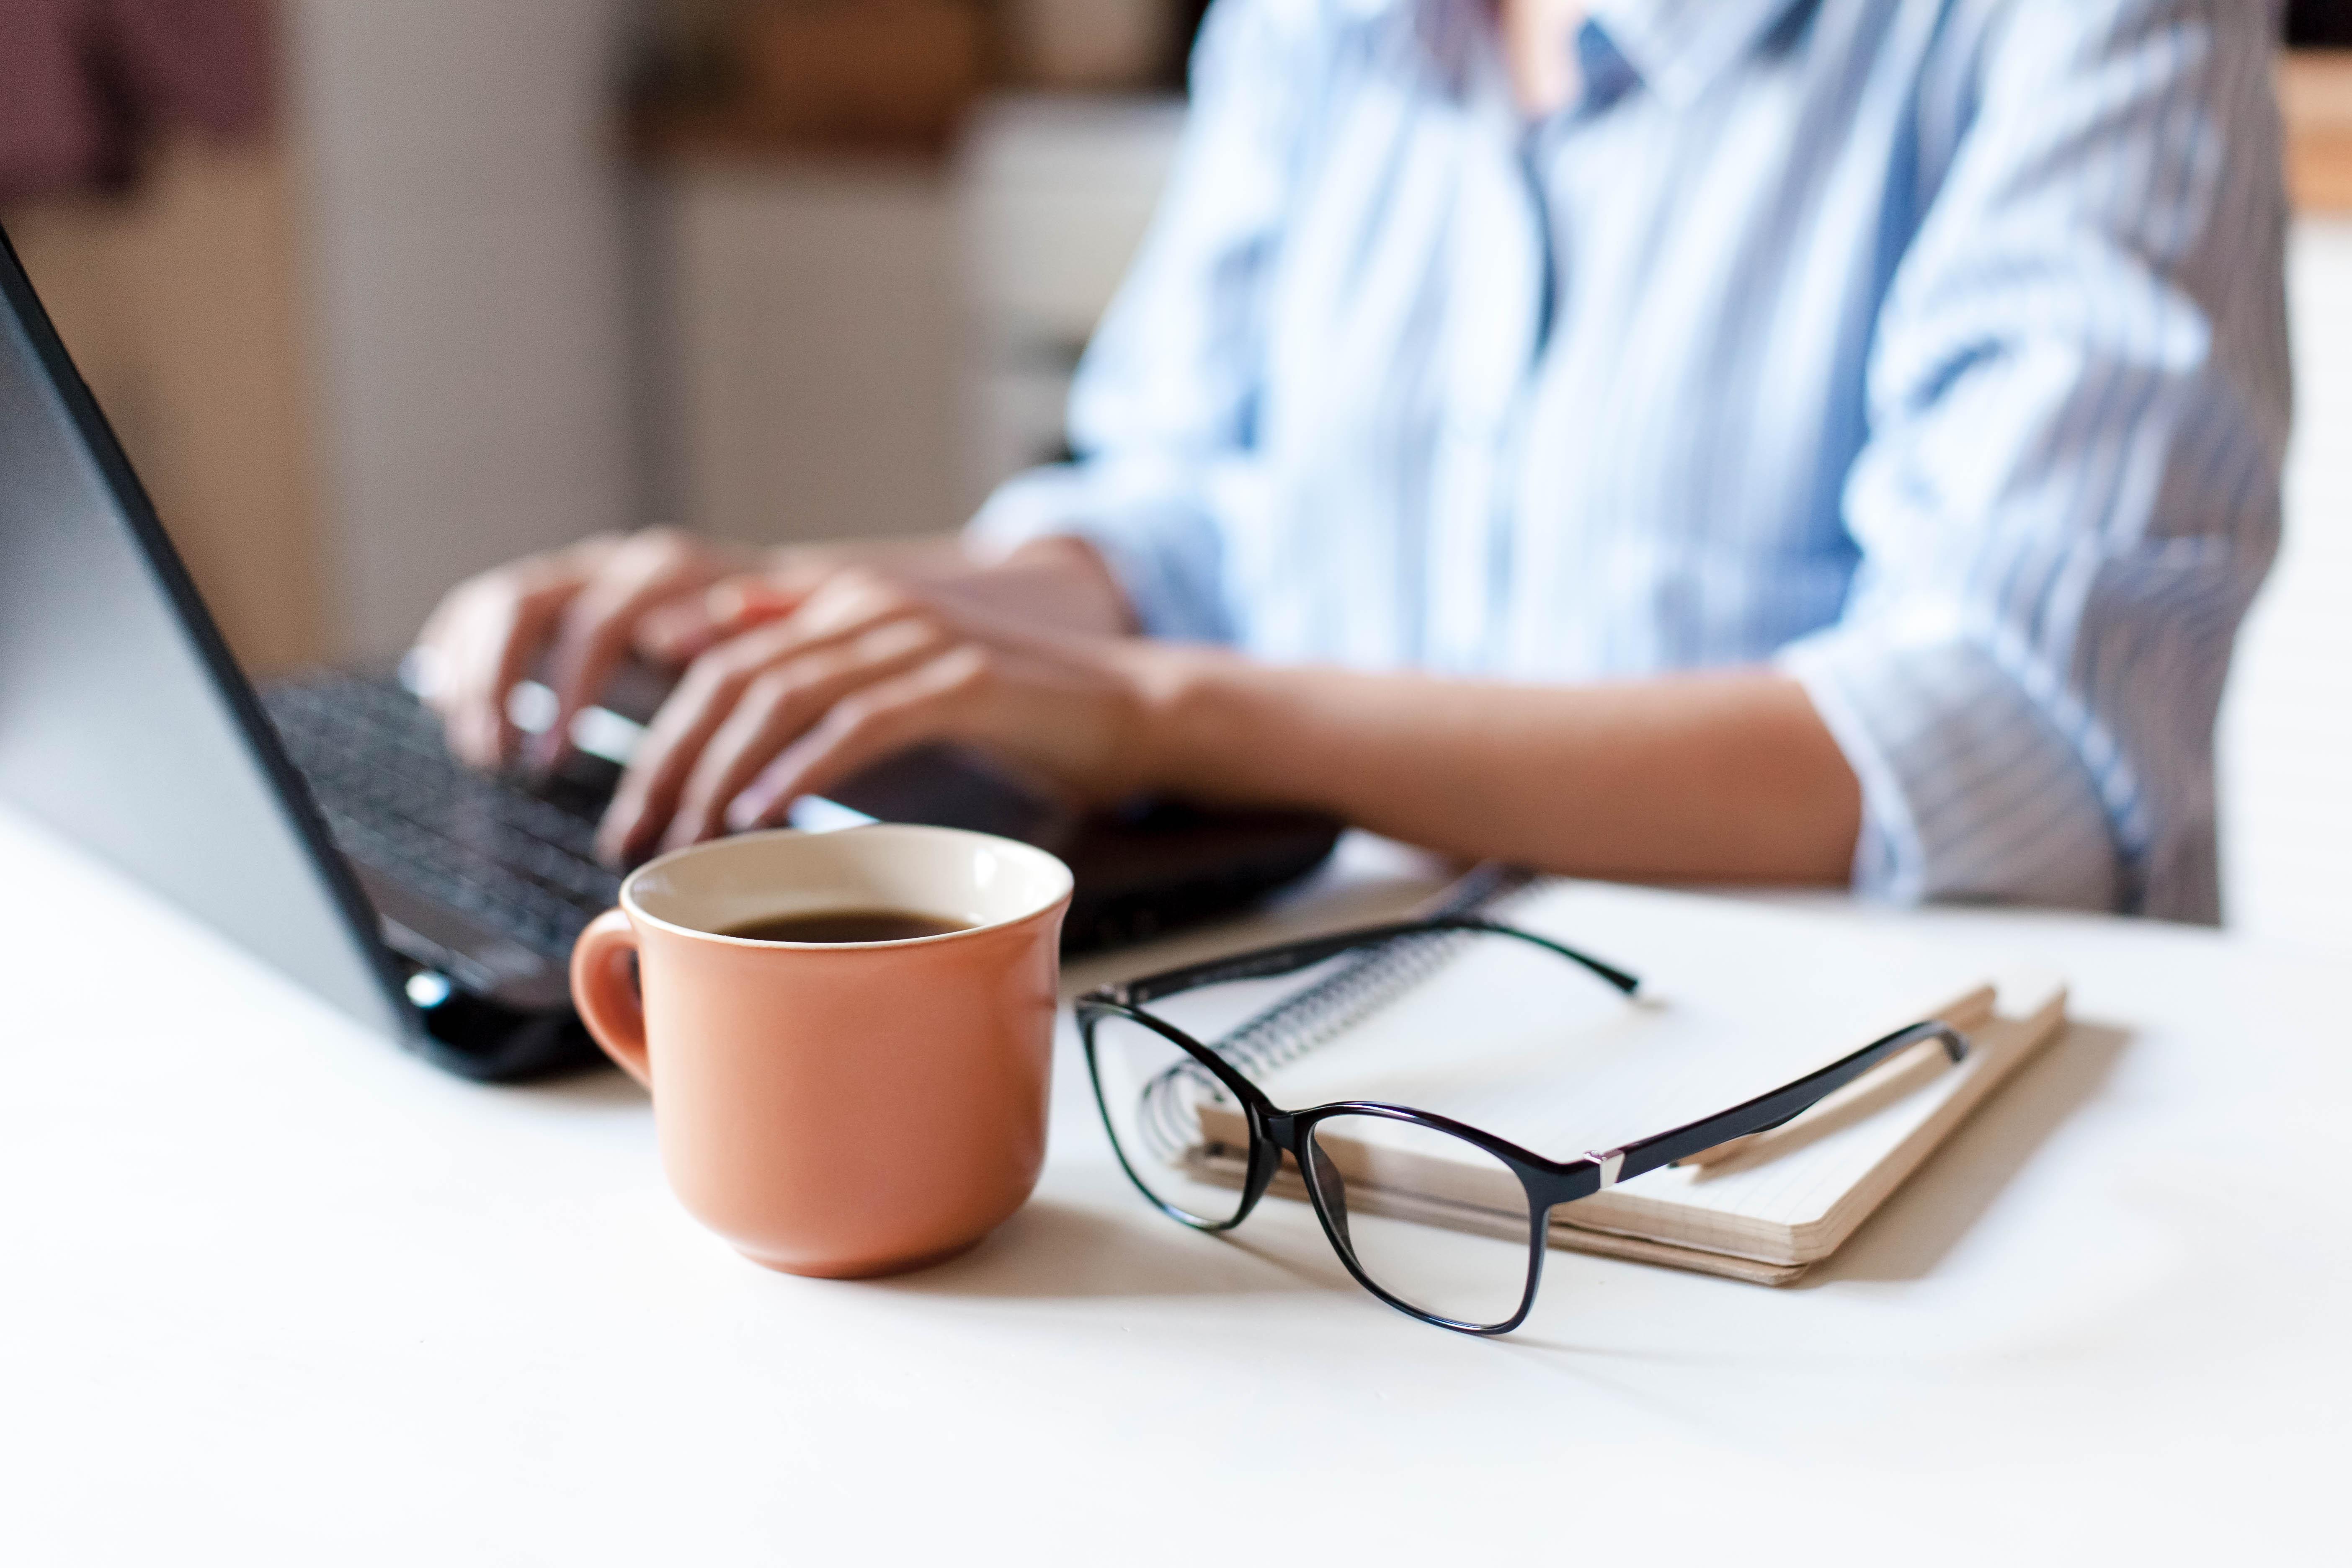 <p>Времето, през което работите Никога не трябва да се чувствате виновни за това, че не работите достатъчно. Работата често води до стрес, а стресът оказва влияние върху психичното здраве на човек. Заедно с периодичното главоболие и умората, непрекъснатата и напрегната работа може да се окаже доста вредна.</p>